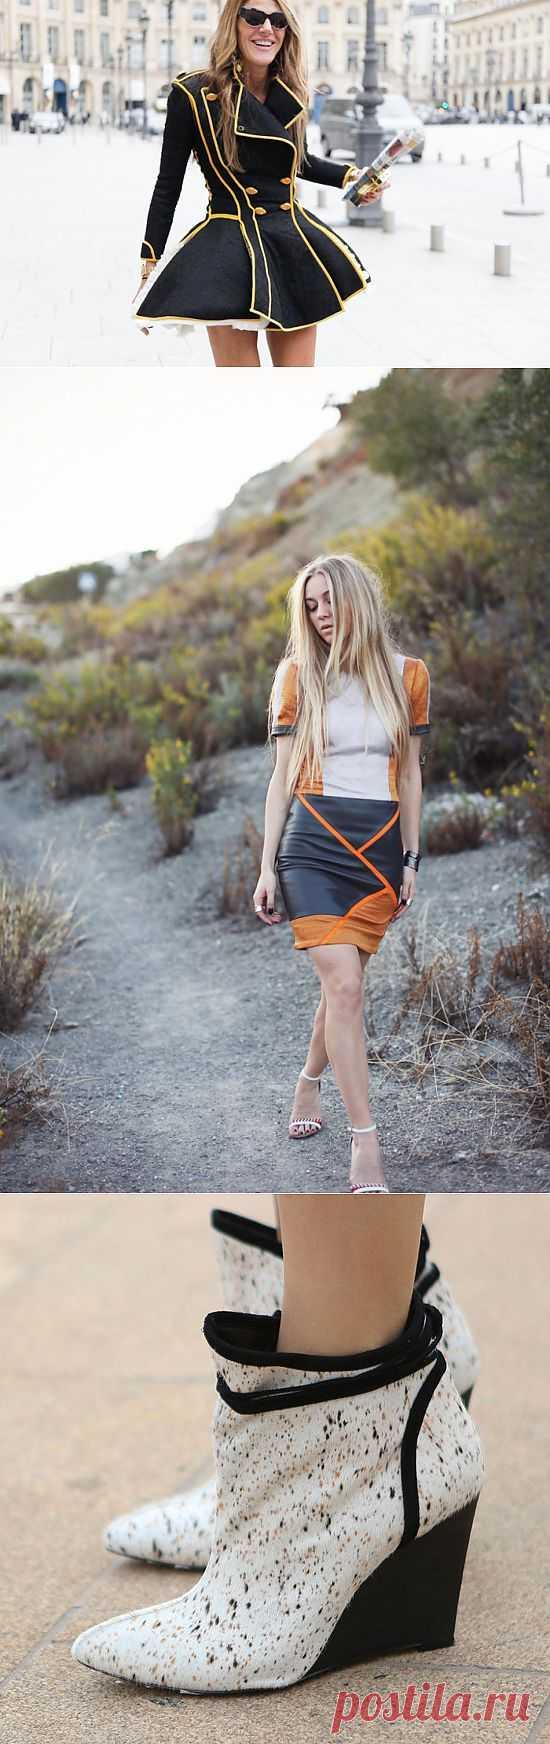 Кантовать разрешено! (подборка, часть 1) / Детали / Модный сайт о стильной переделке одежды и интерьера